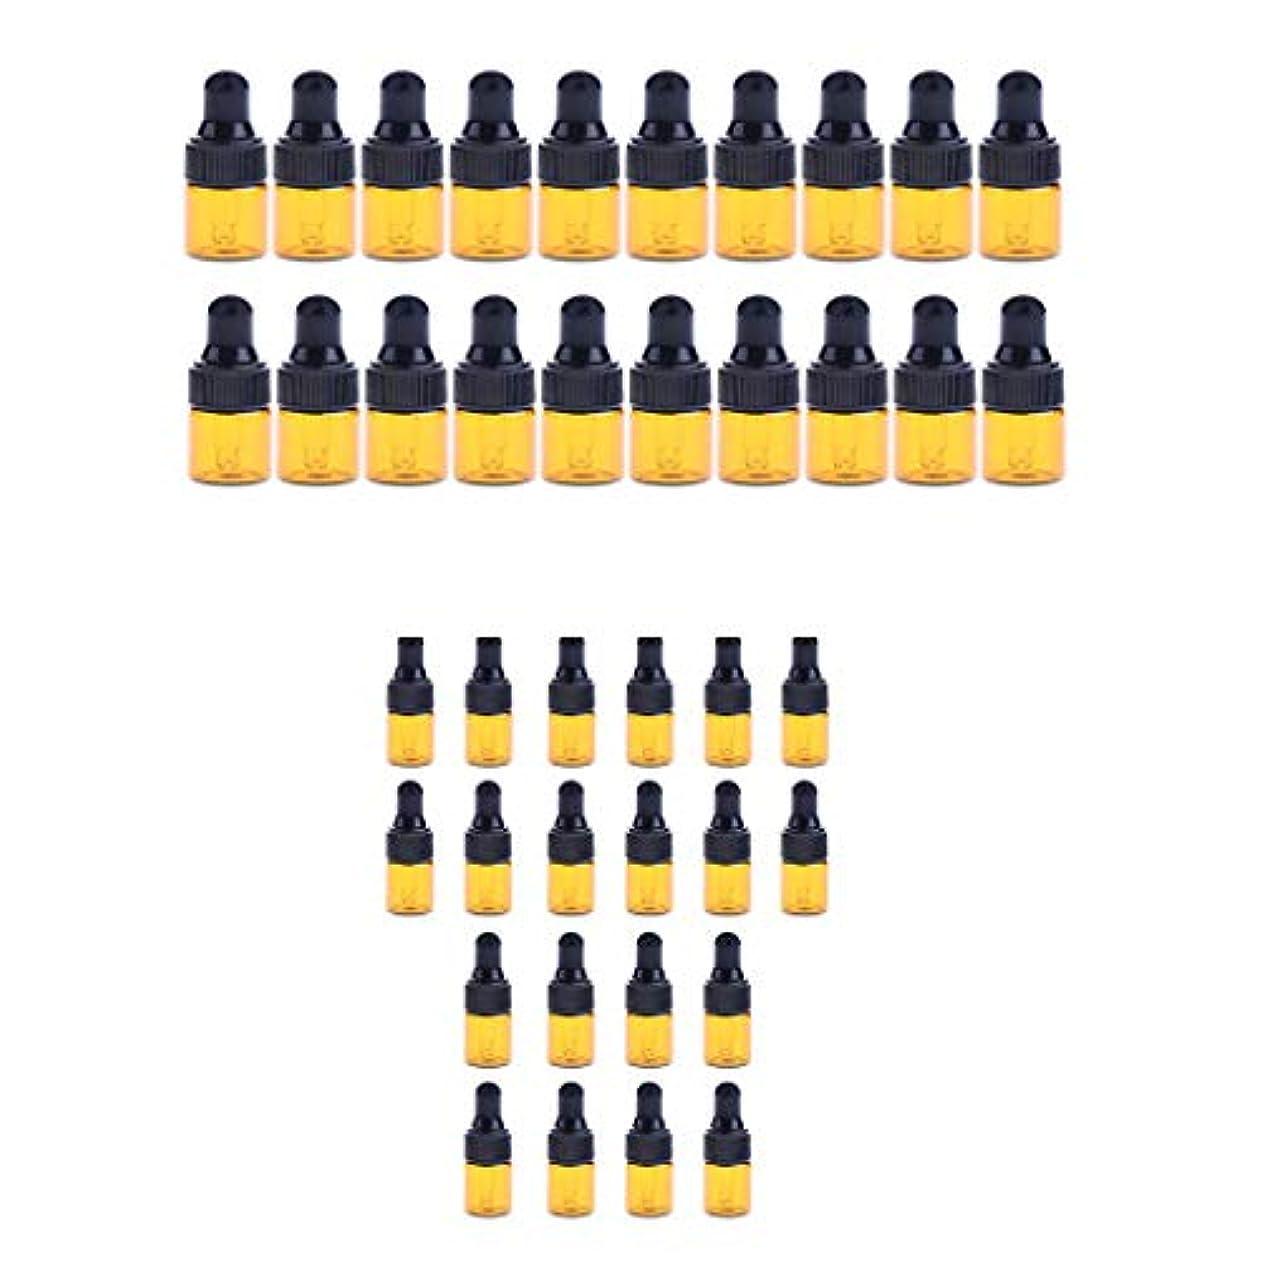 憂鬱なアルカイック正午小分けボトル スポイトボトル ガラス瓶 詰め替え 精油 香水 保存用 2ml / 3ml 40個入